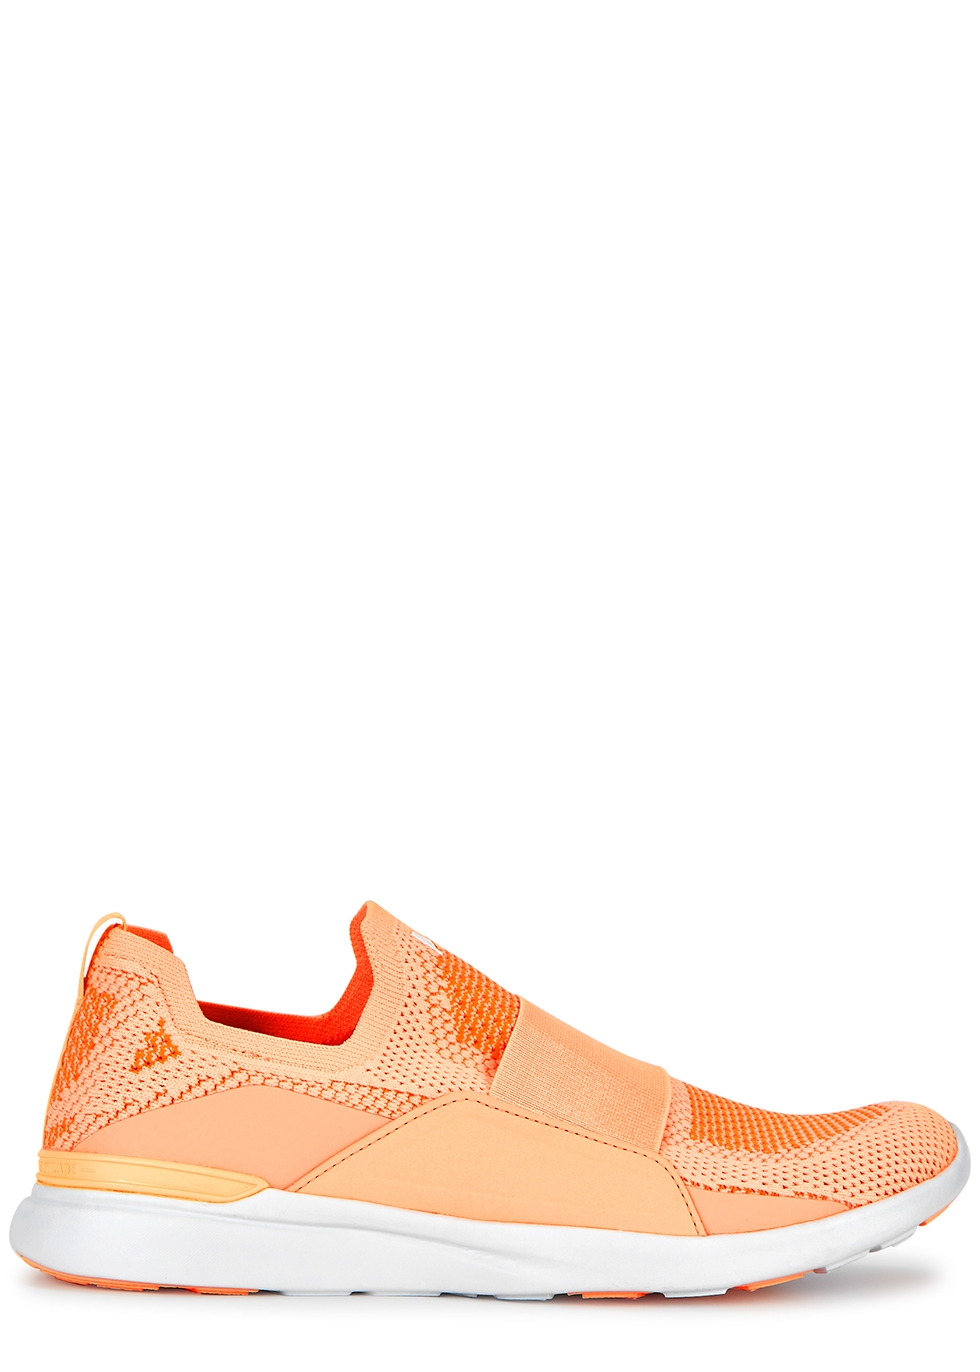 sneakers peach